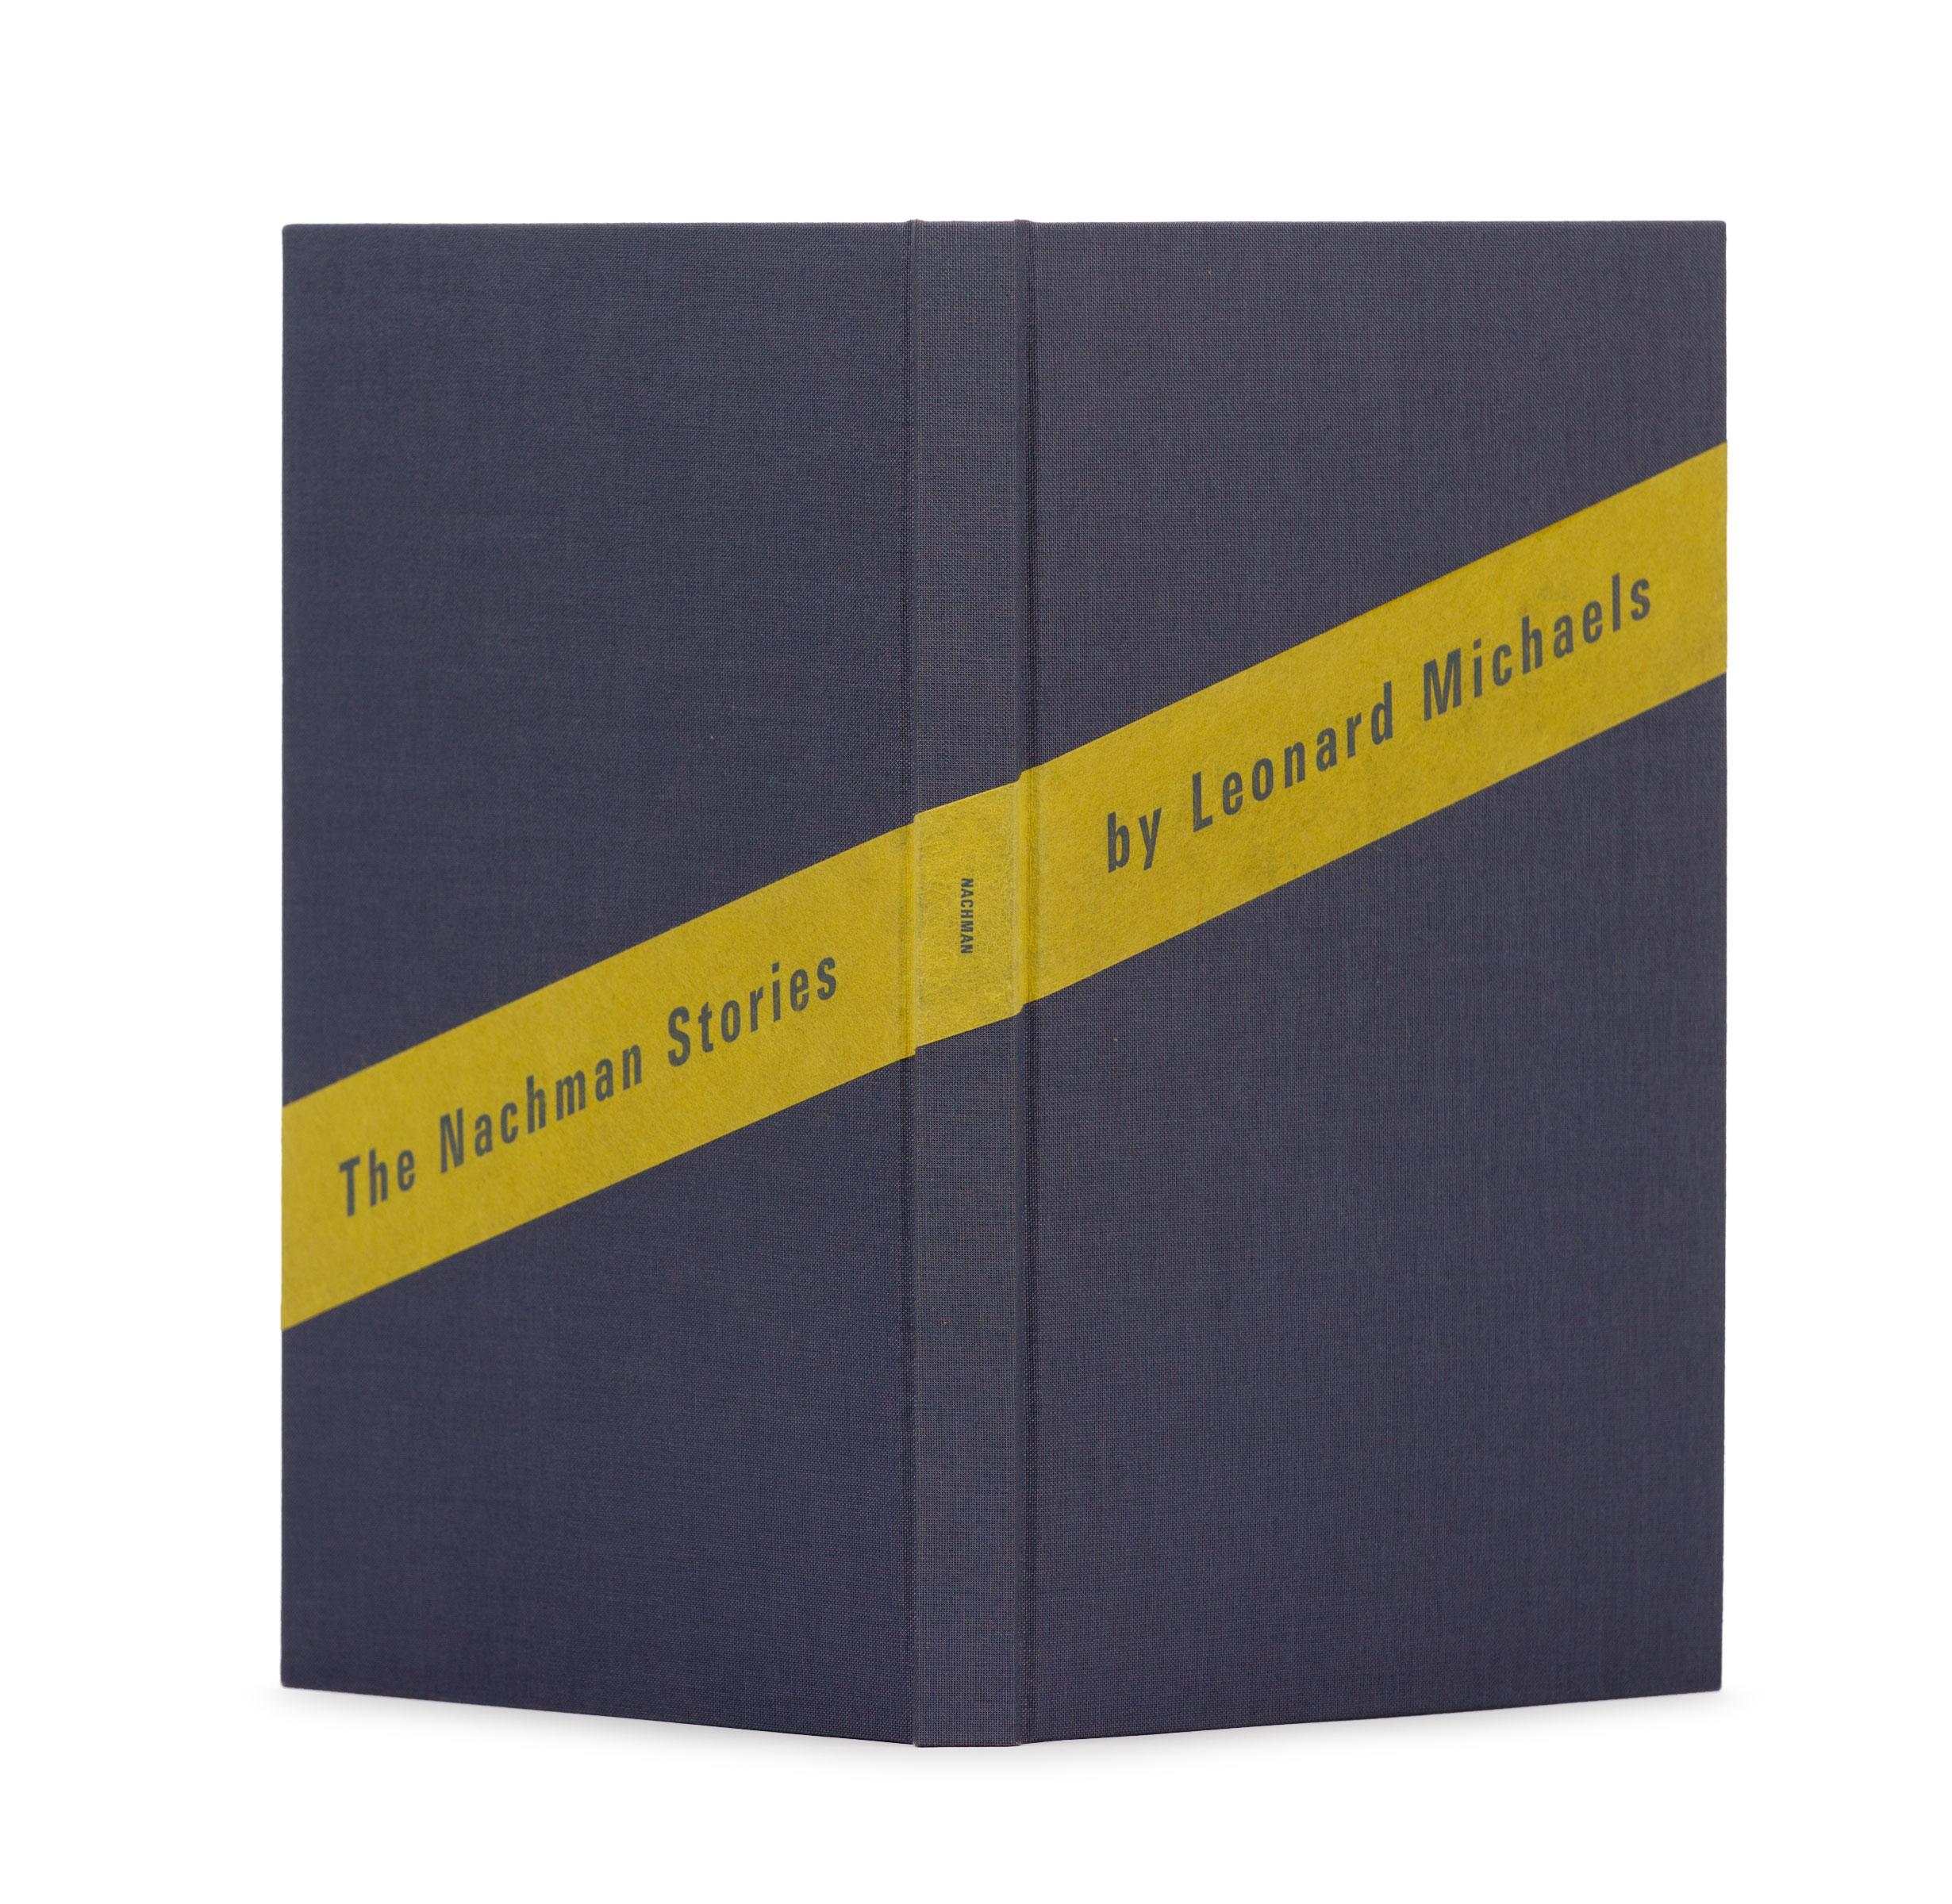 084_The-Nachman-Stories-Binding-fix.jpg